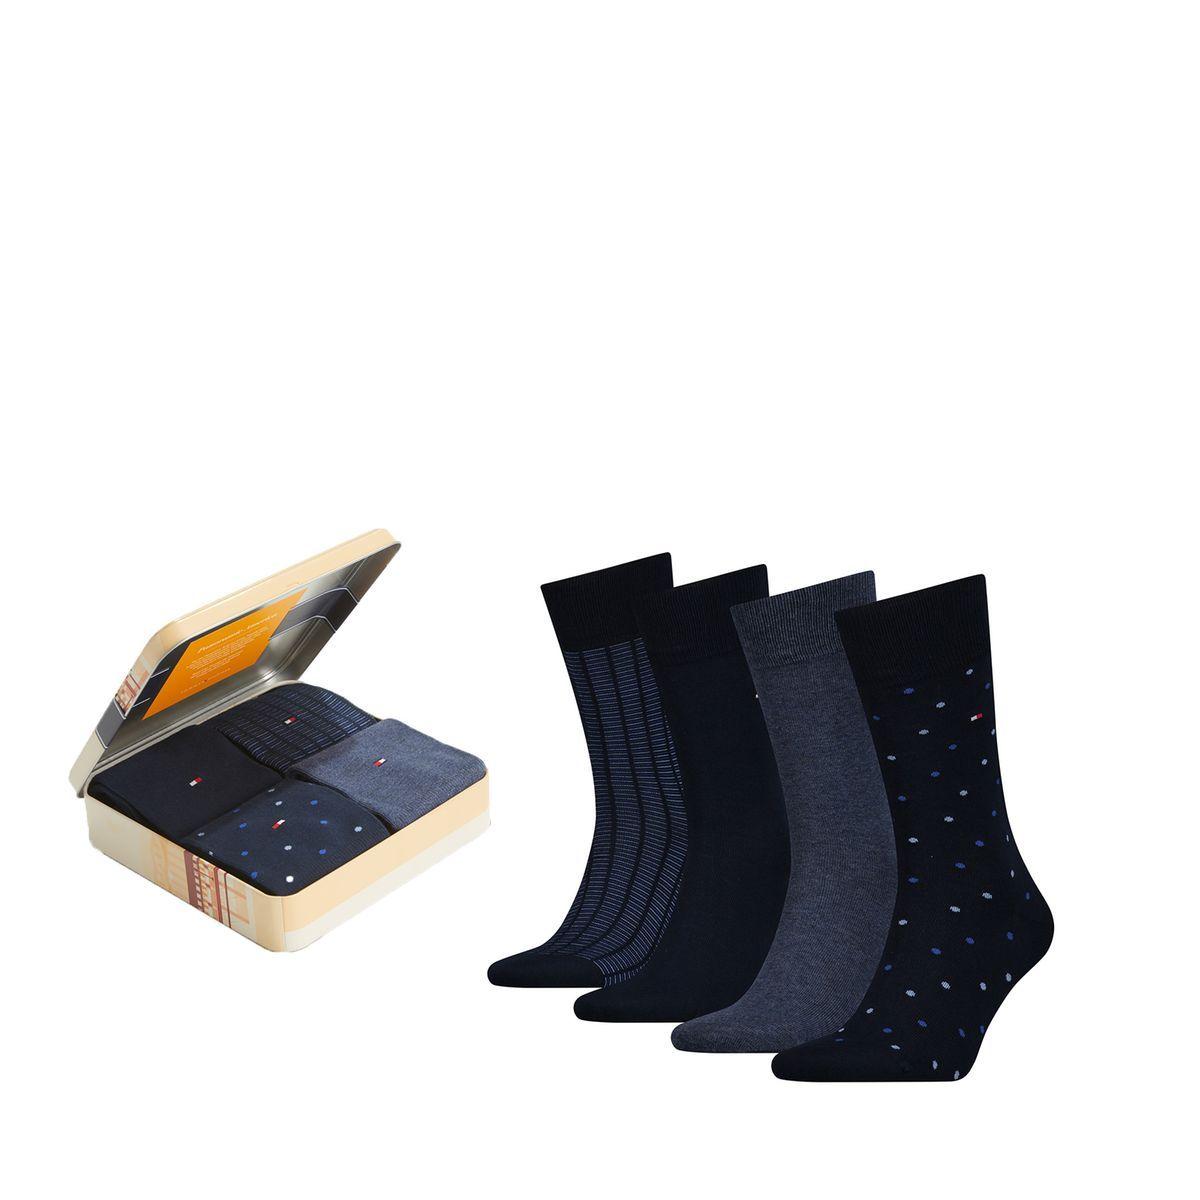 Boite Cadeau Métal, Lot De 4 Paires De Chaussettes Taille